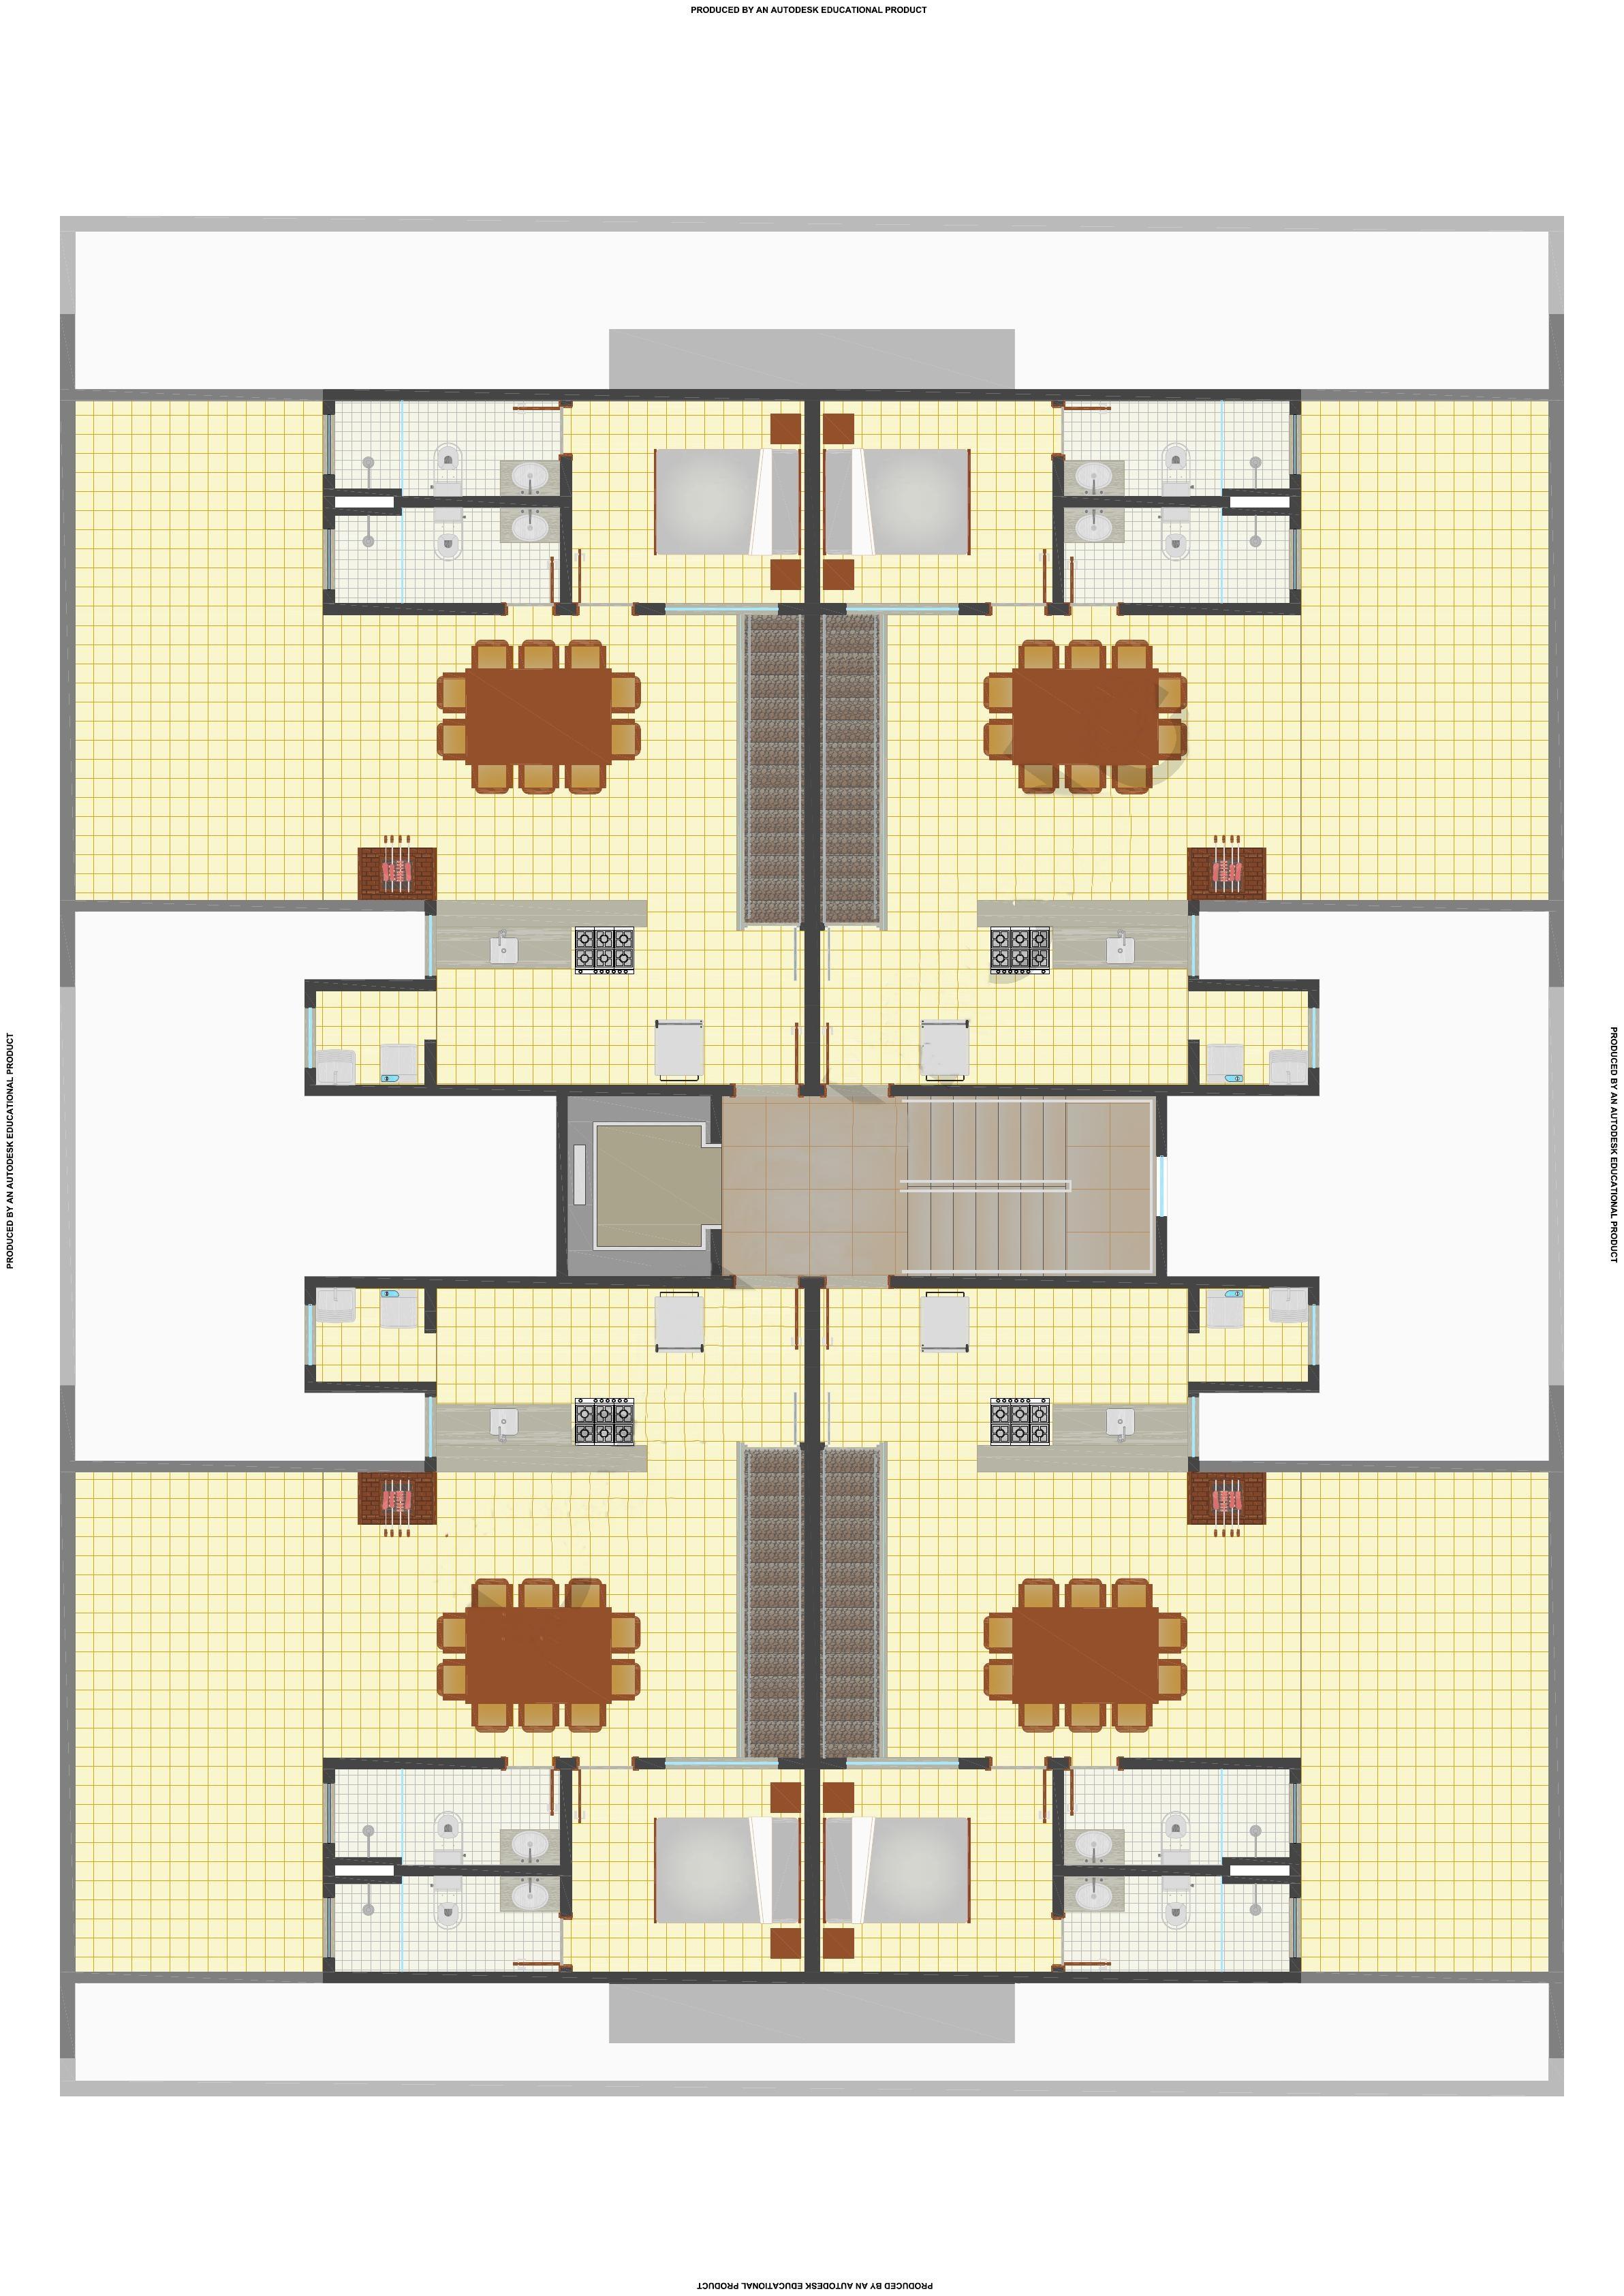 1 - Pav. cobertura duplex.jpg